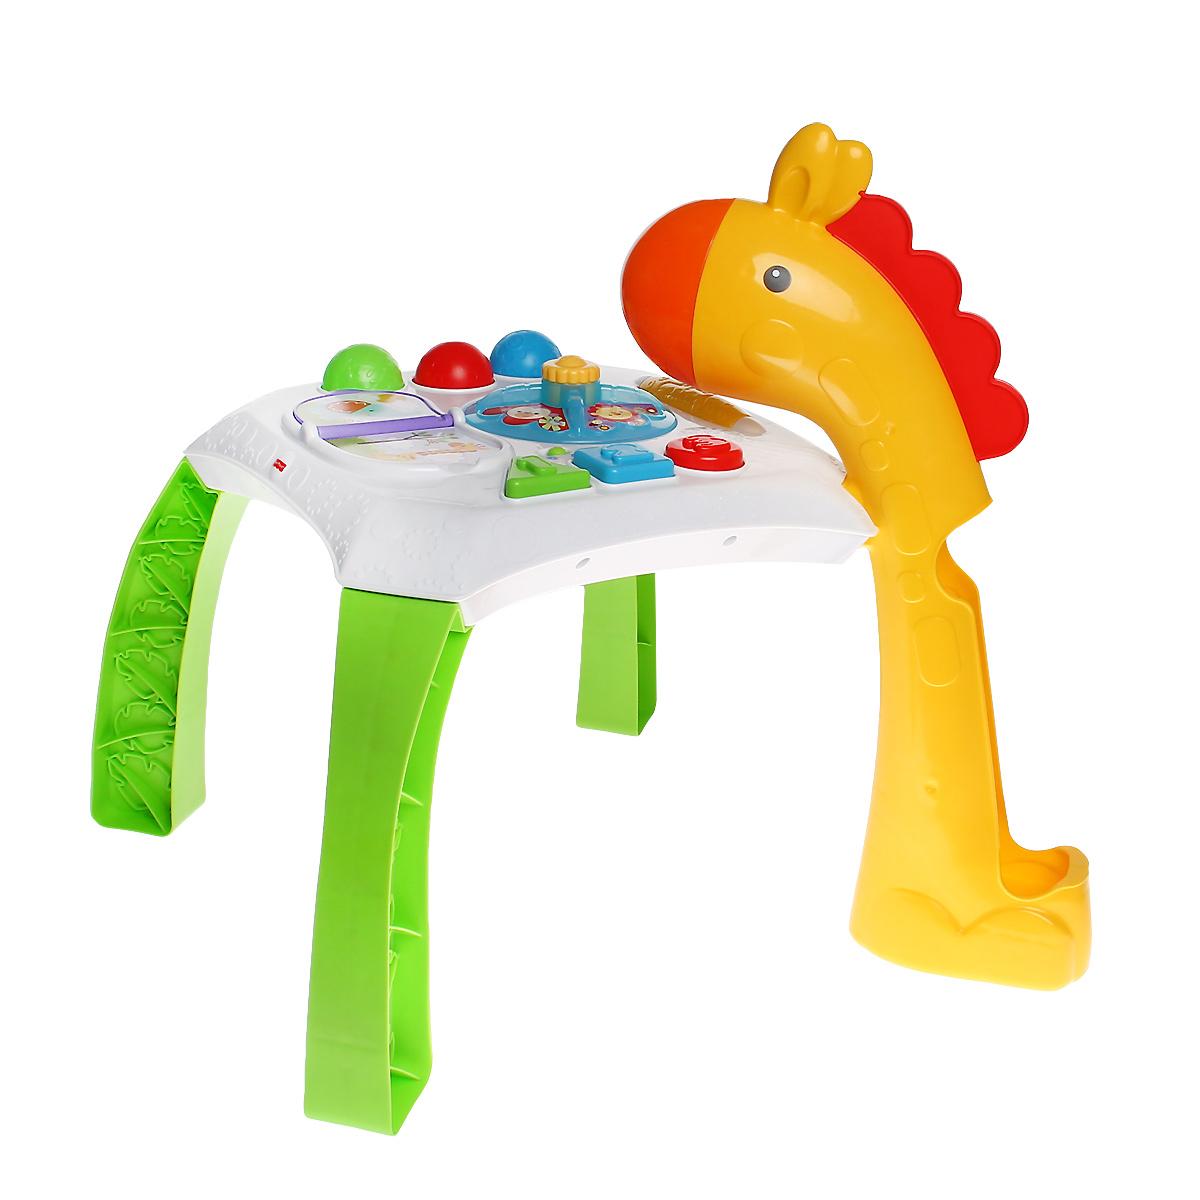 Fisher-Price Обучающий столик Веселые животныеCCP66Обучающий столик Fisher-Price Веселые животные со световыми и звуковыми эффектами замечательно подойдет для увлекательных и познавательных игр малыша. Столик представляет собой игровую платформу, к которой крепятся четыре широкие ножки, одна из которых представляет шею жирафа. В ней имеется небольшое отверстие, в которое ребенок сможет опускать один из трех ярких шариков, входящих в комплект, и наблюдать, как они скатываются вниз. На столешнице расположены четыре развивающий элемент, имитирующий книжку с веселыми рисунками, небольшая крутящаяся платформа с забавными зверятами, барабан-погремушка и три разноцветные кнопки в виде геометрических фигур с цифрами от 1 до 3. Действия малыша активируют функции игрушки. Малыш может листать книжку, нажимать на кнопки или раскручивать животных, чтобы активировать огоньки, звуки или музыку. Также в столешнице имеются специальные углубления для трех водящих в комплект шариков. Ребенку понравится изучать столик сидя, а по мере...